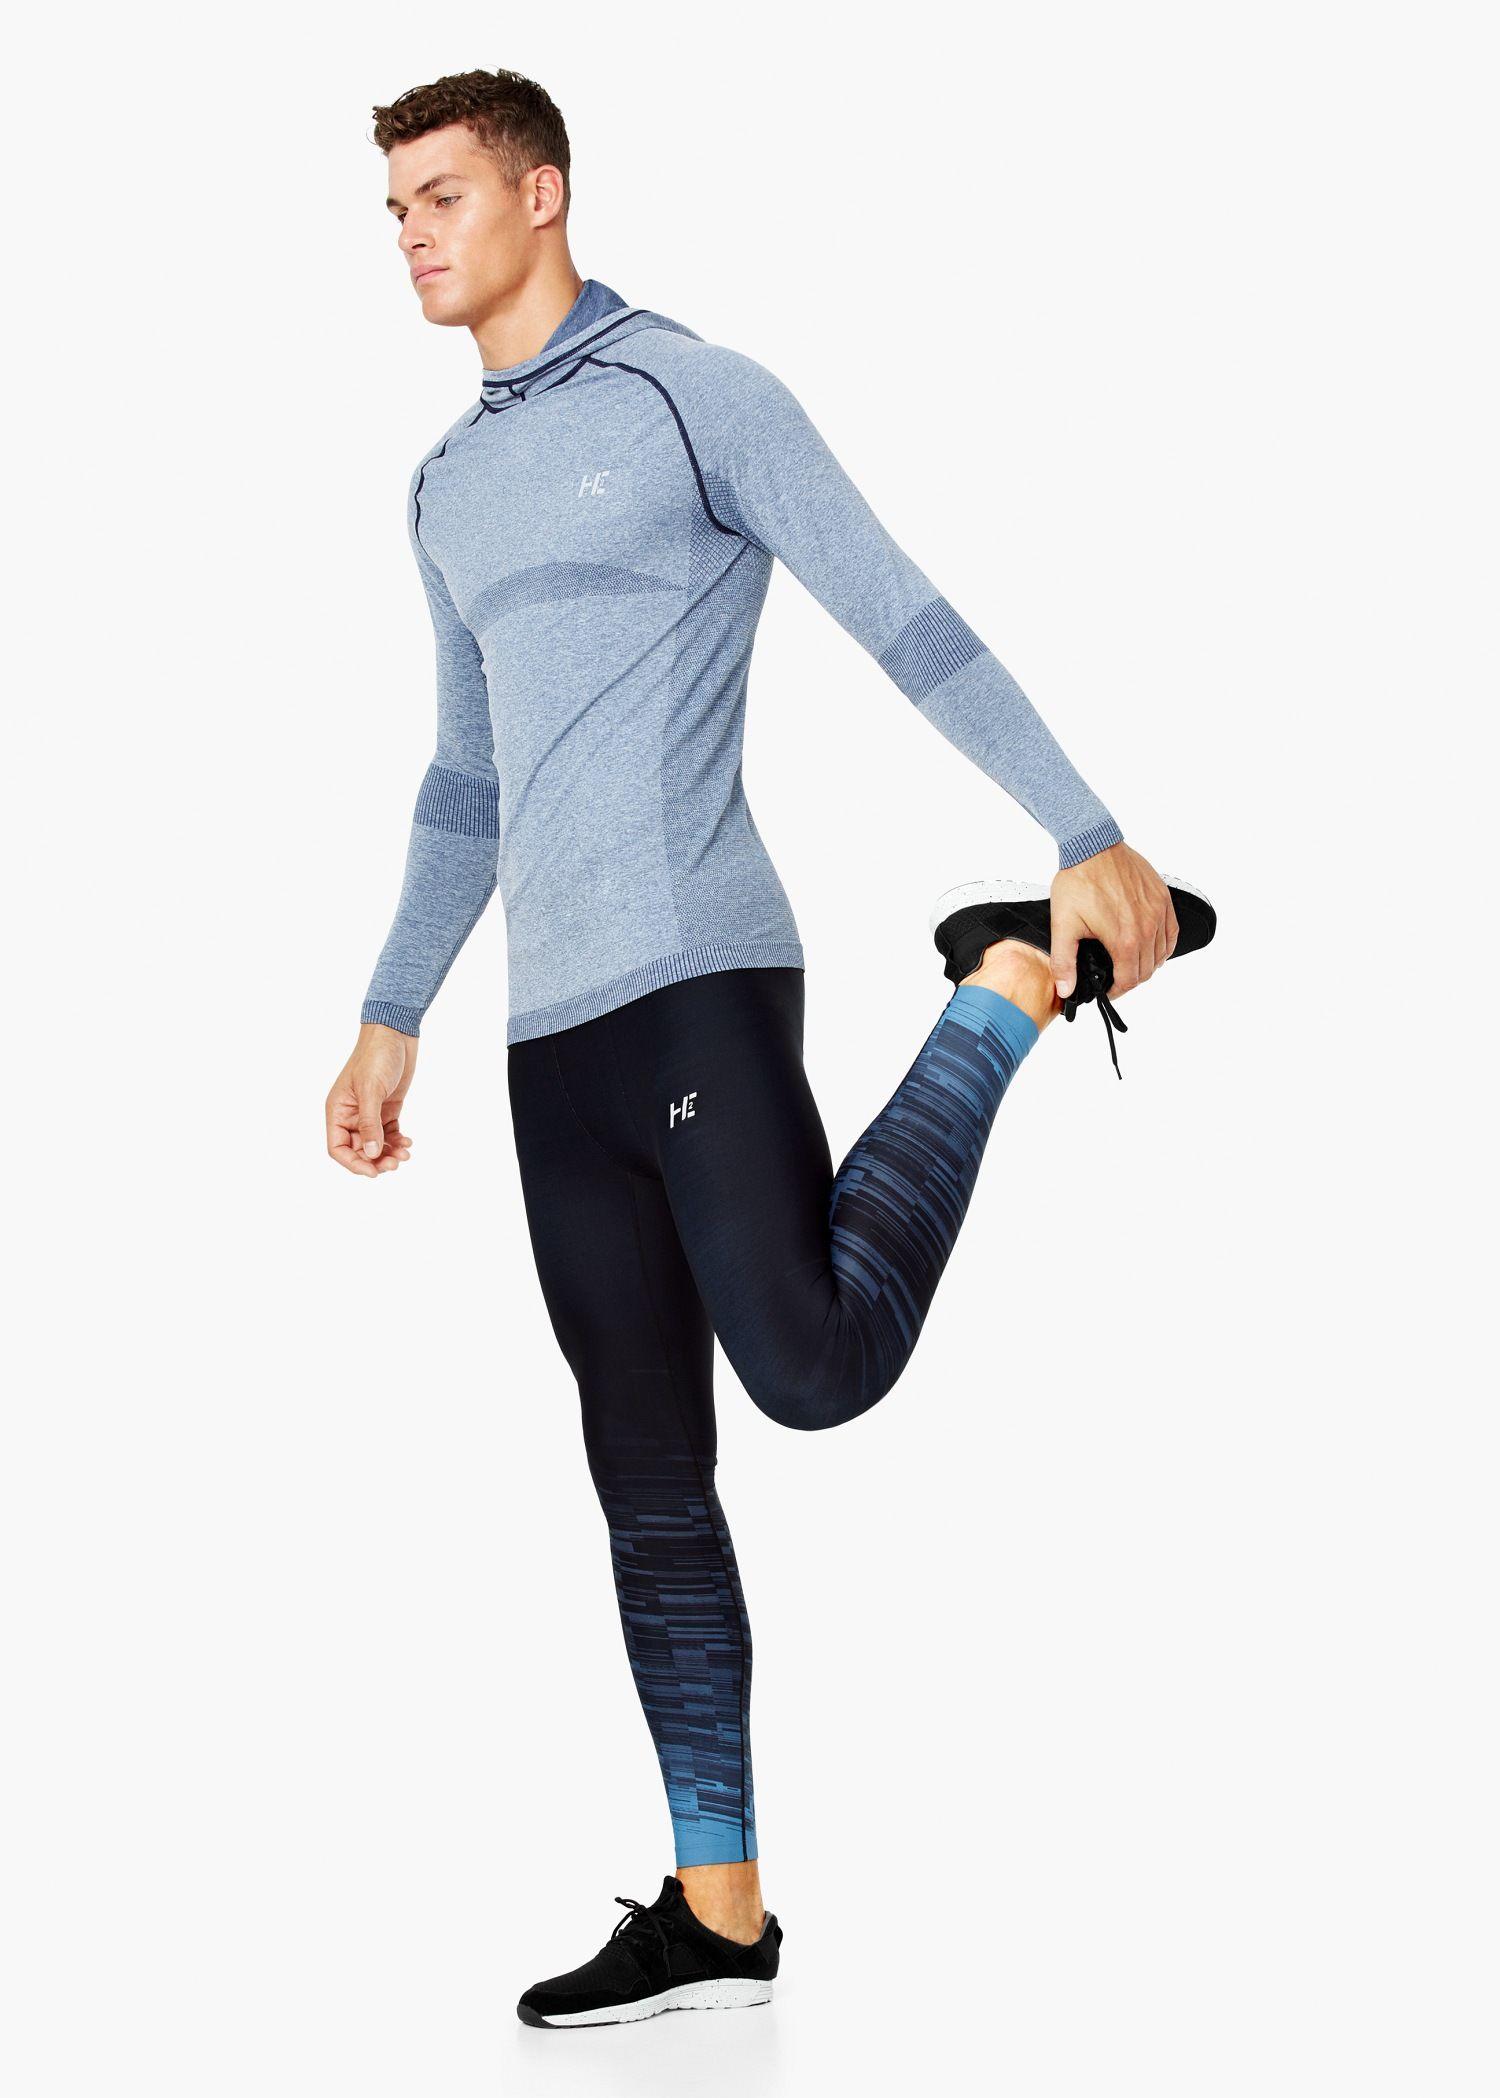 ac4dcc9b82bb5 Long running tights - Men | Men styles | Mens running tights, Mens ...